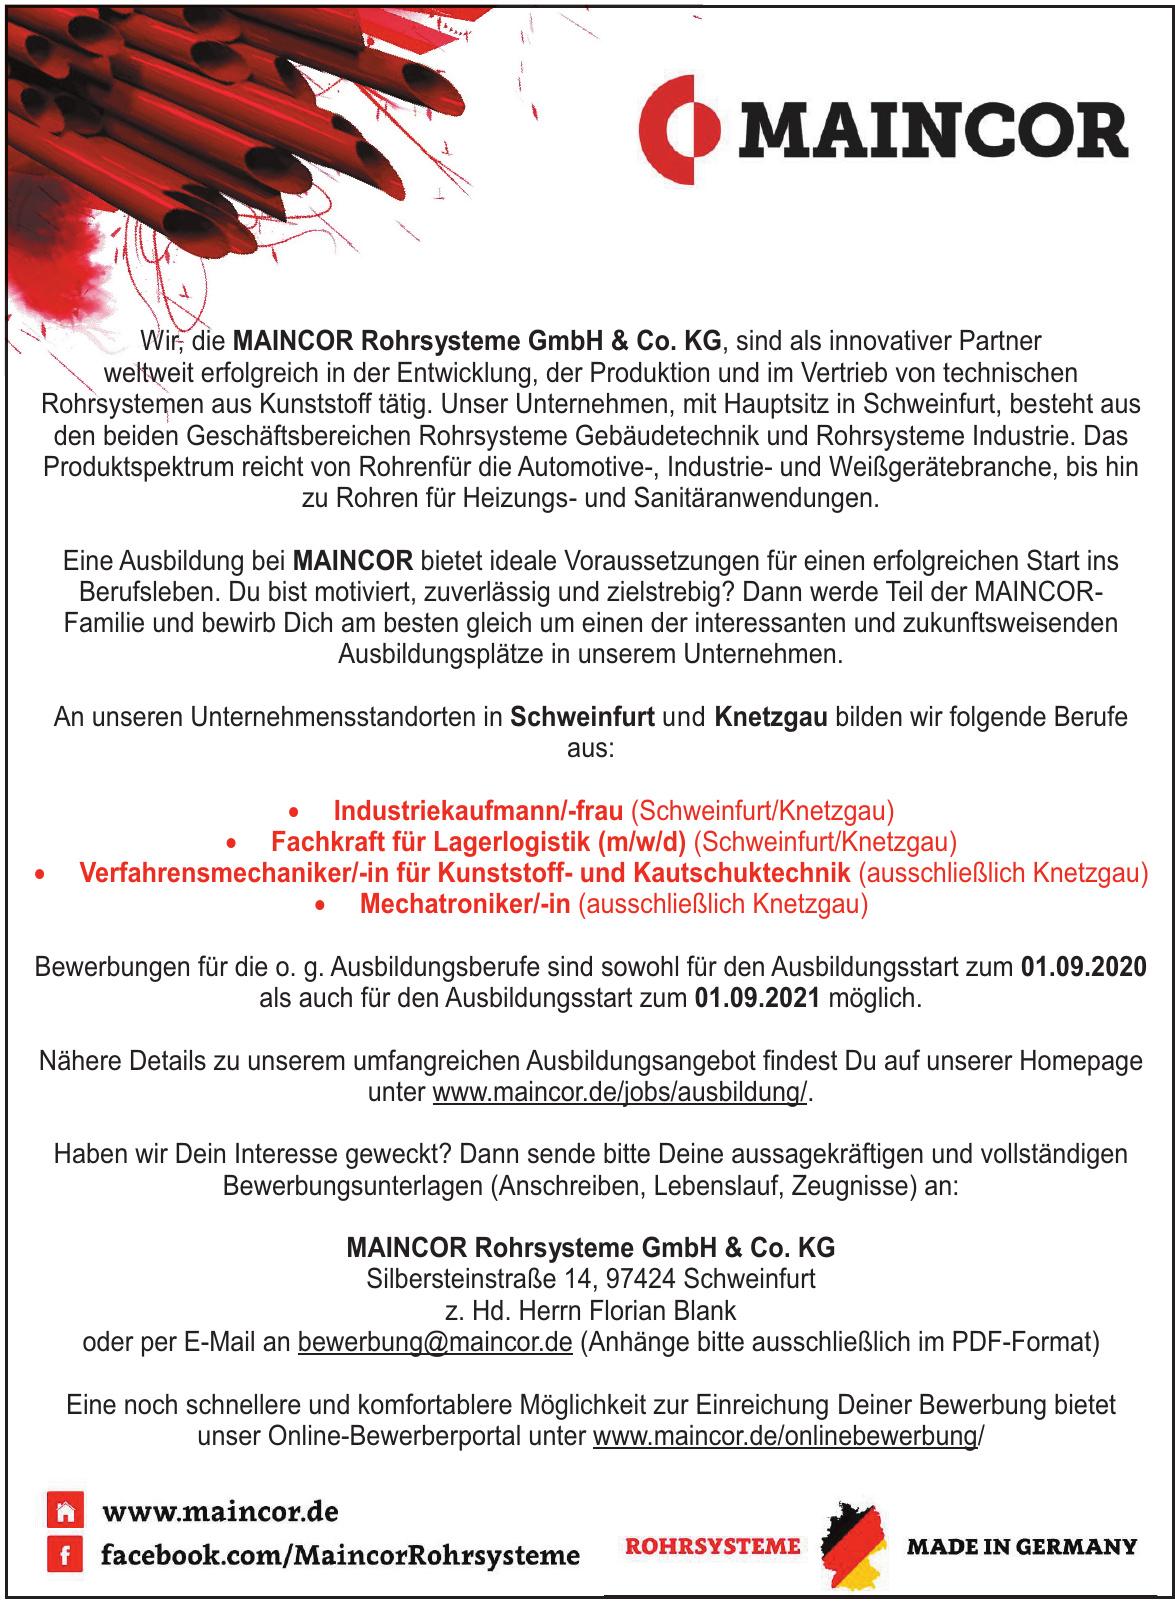 MAINCOR Rohrsysteme GmbH & Co. KG